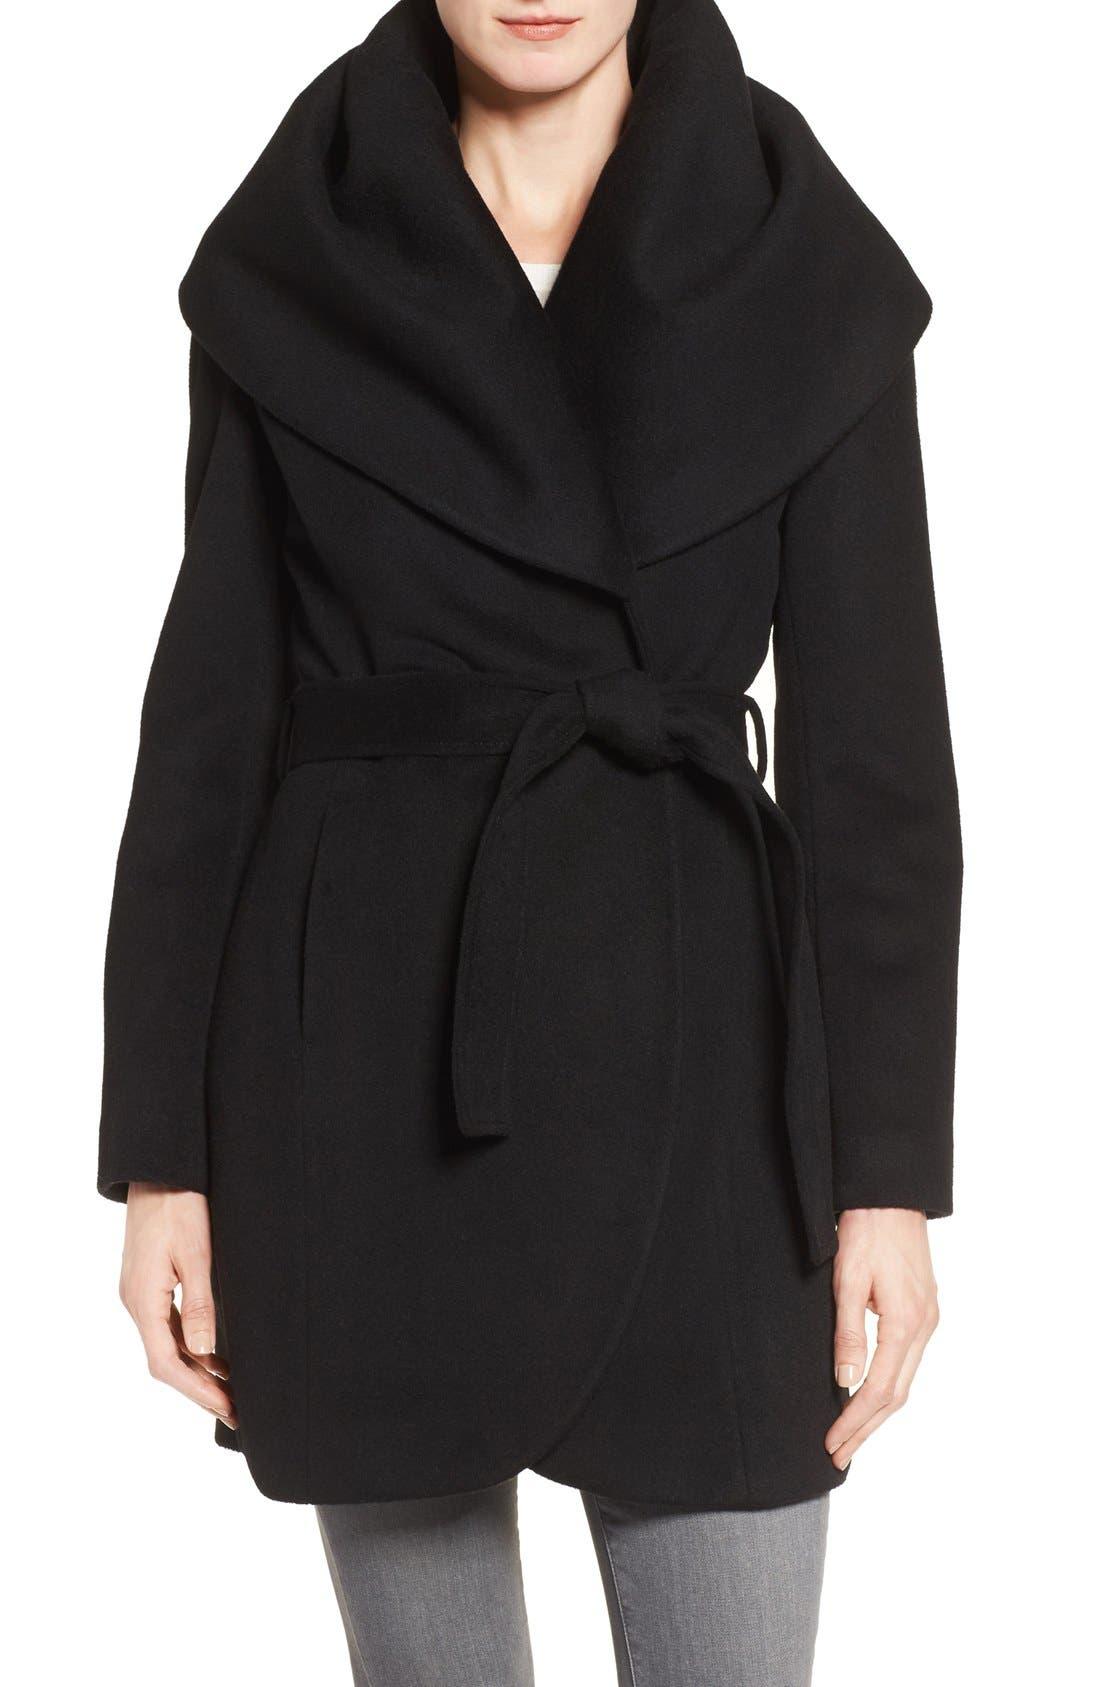 TAHARI T Tahari Wool Blend Belted Wrap Coat, Main, color, 001